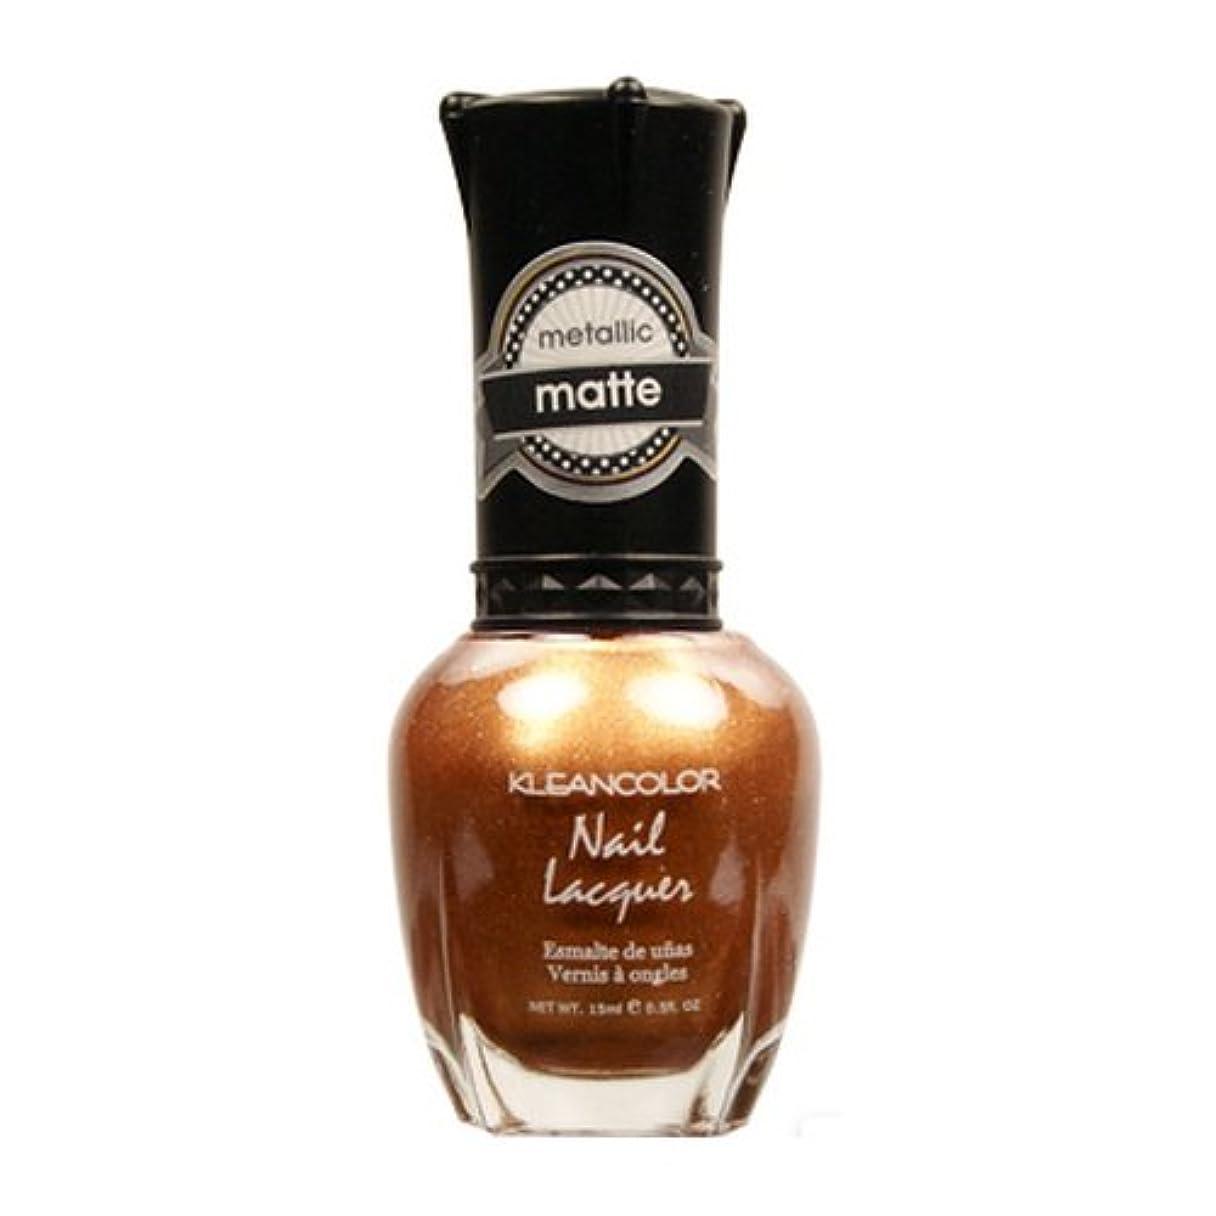 硬化する話をする小競り合いKLEANCOLOR Matte Nail Lacquer - Life in Gold Castle (並行輸入品)